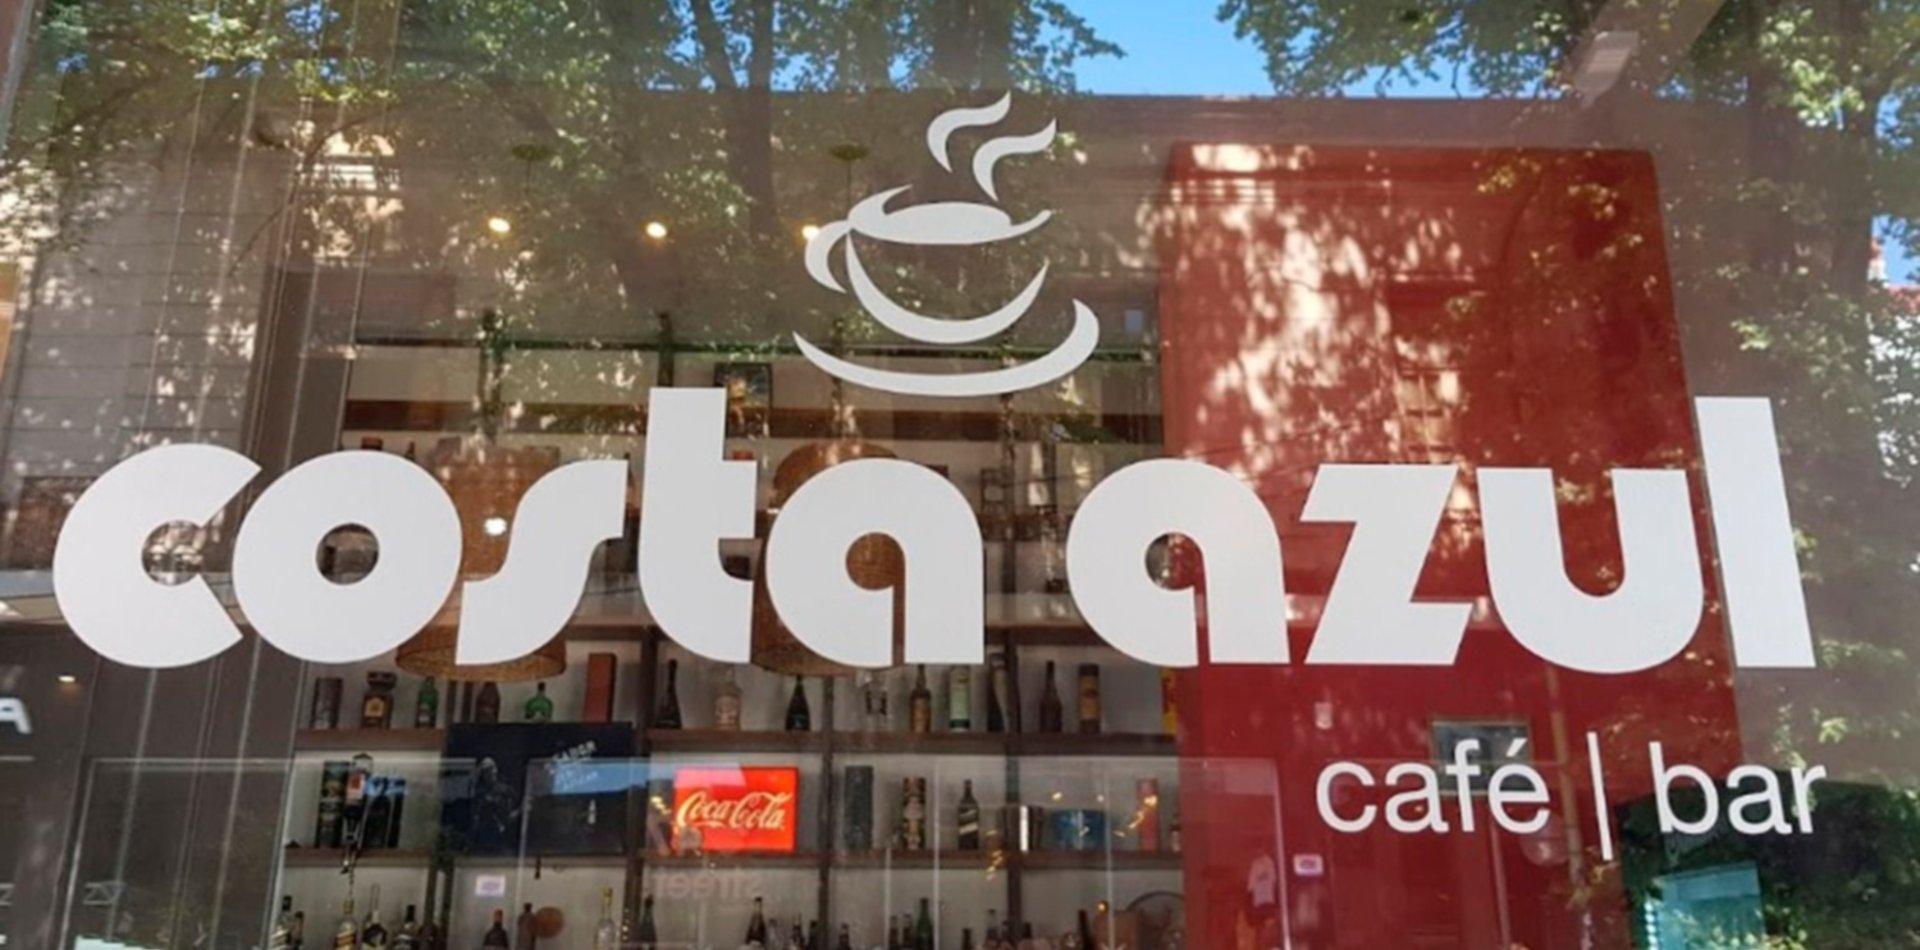 Tras más de 50 años, cierra el café Costa Azul por la crisis que causó el coronavirus